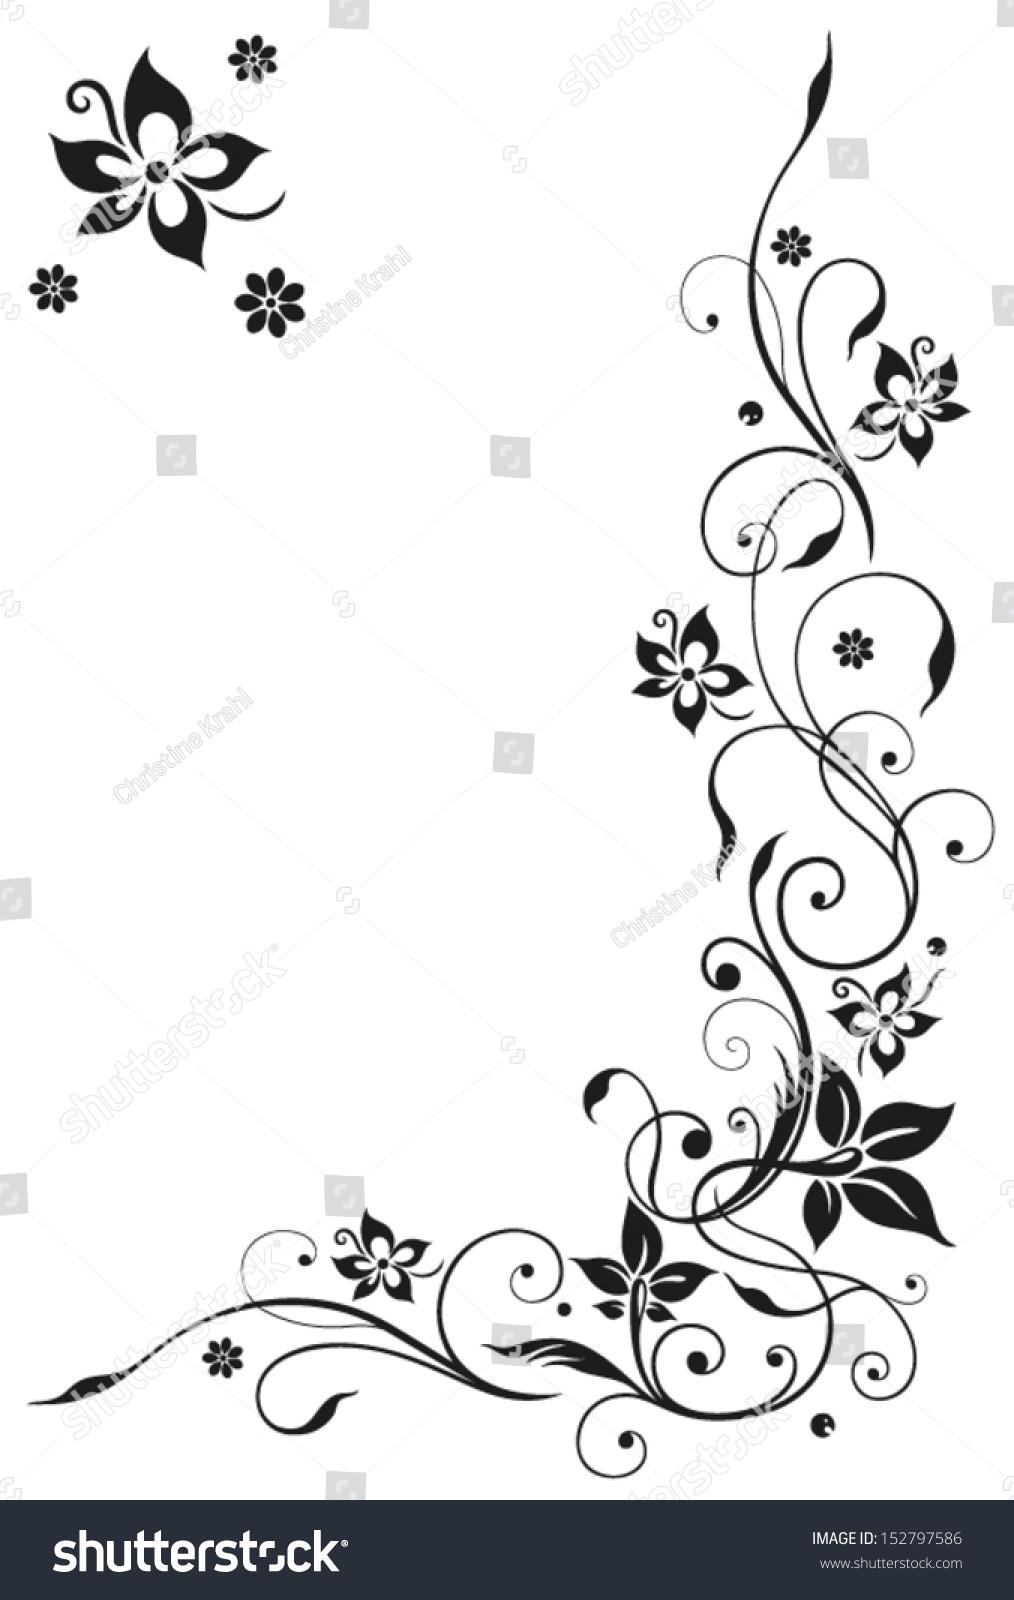 简笔画 设计 矢量 矢量图 手绘 素材 线稿 1014_1600 竖版 竖屏